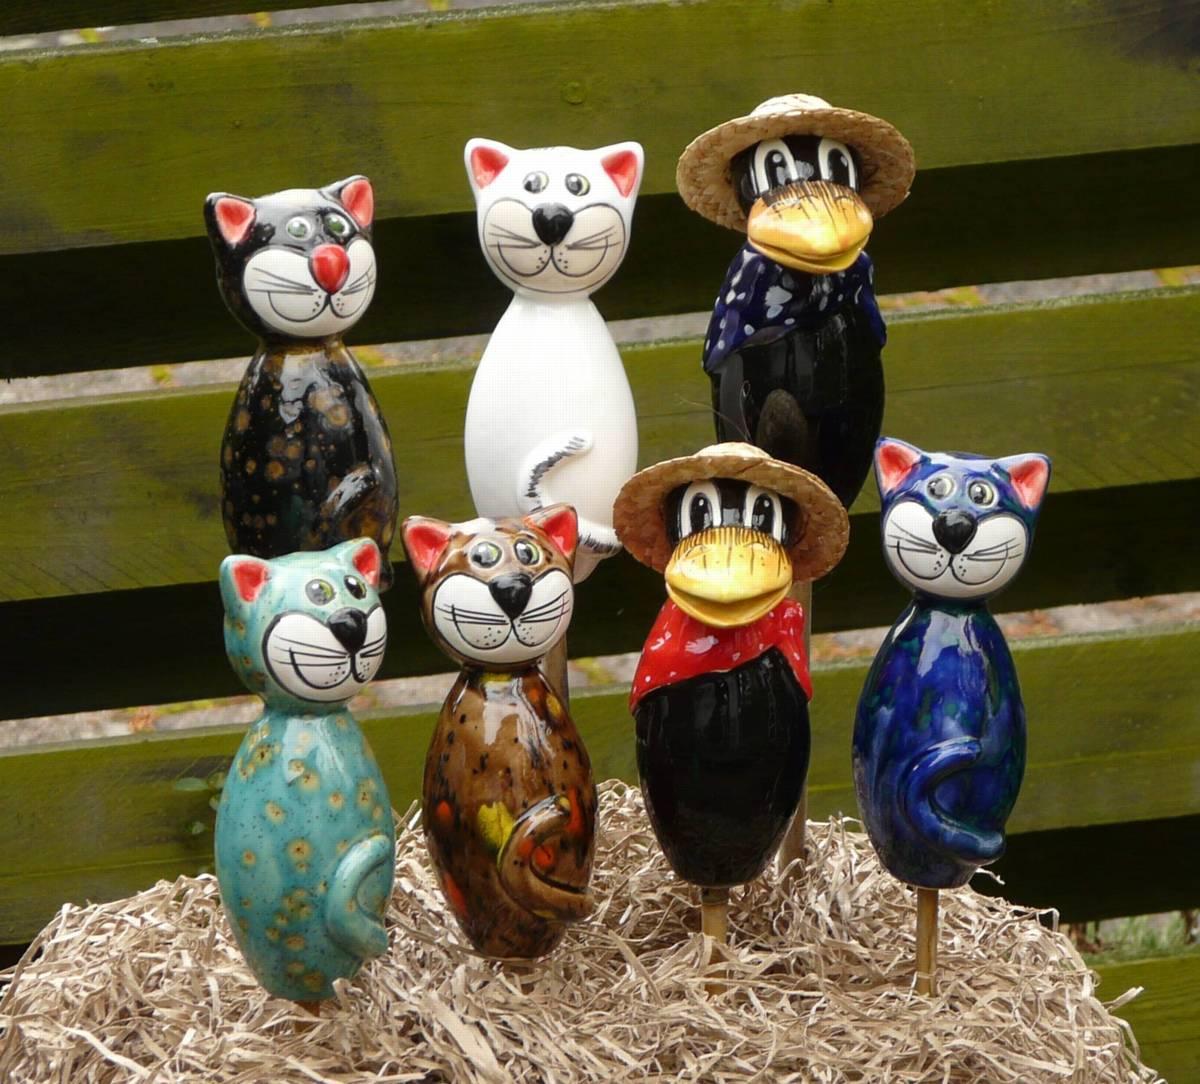 Gartenstecker katze sitzt mini keramik gartendeko wei gl nzend ebay - Keramik katzen fur garten ...